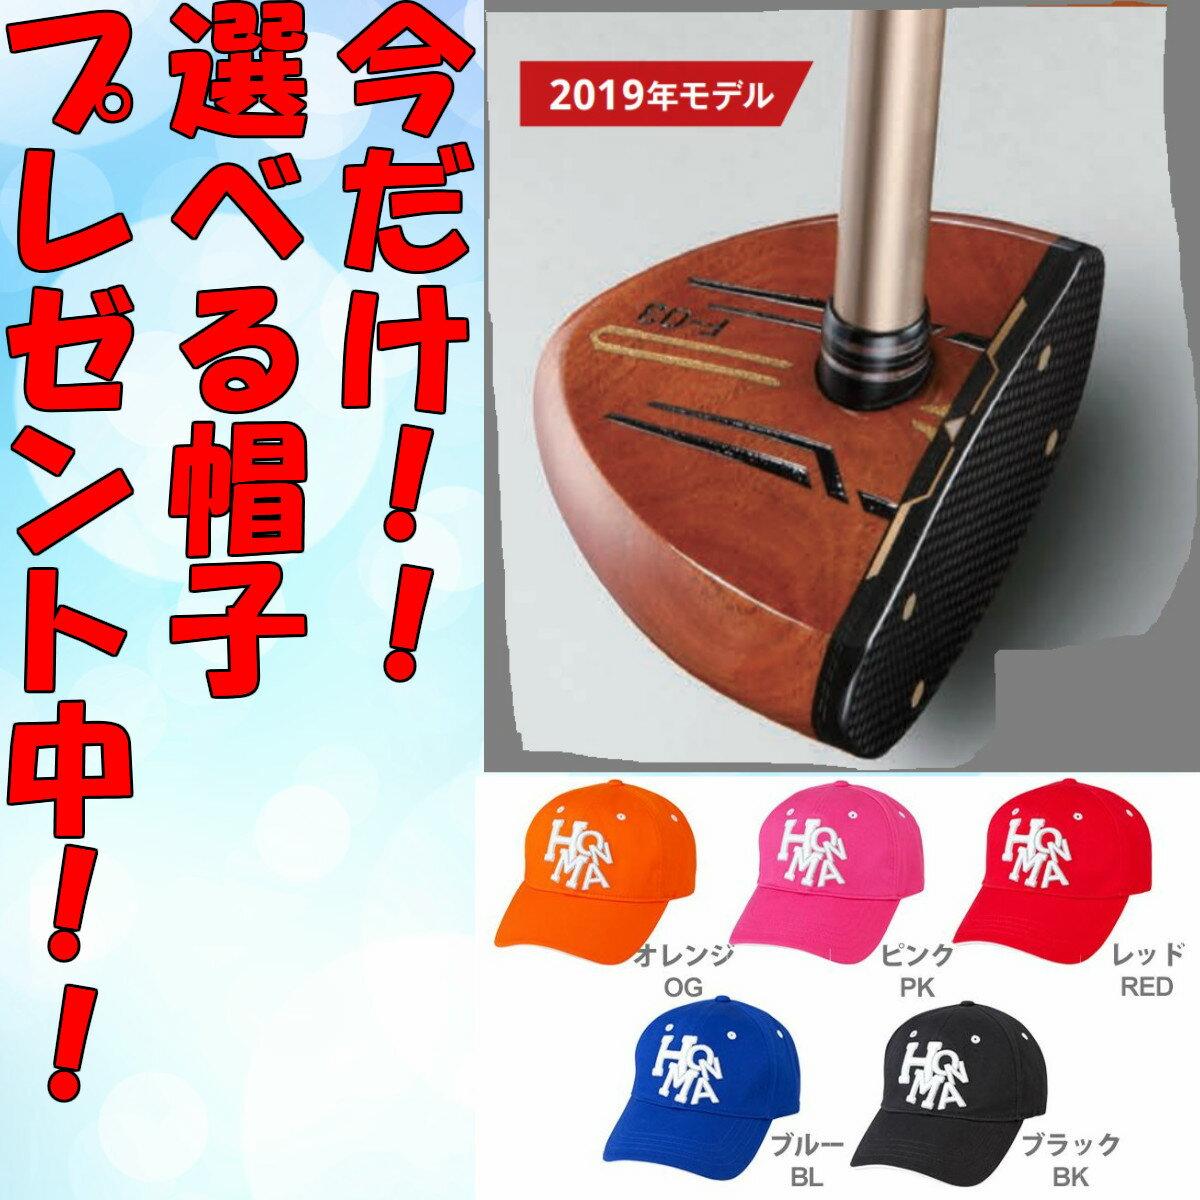 【今だけ帽子プレゼント中!】【平成最後令和】 HONMA F-03 2019年モデル ホンマ パークゴルフ クラブ